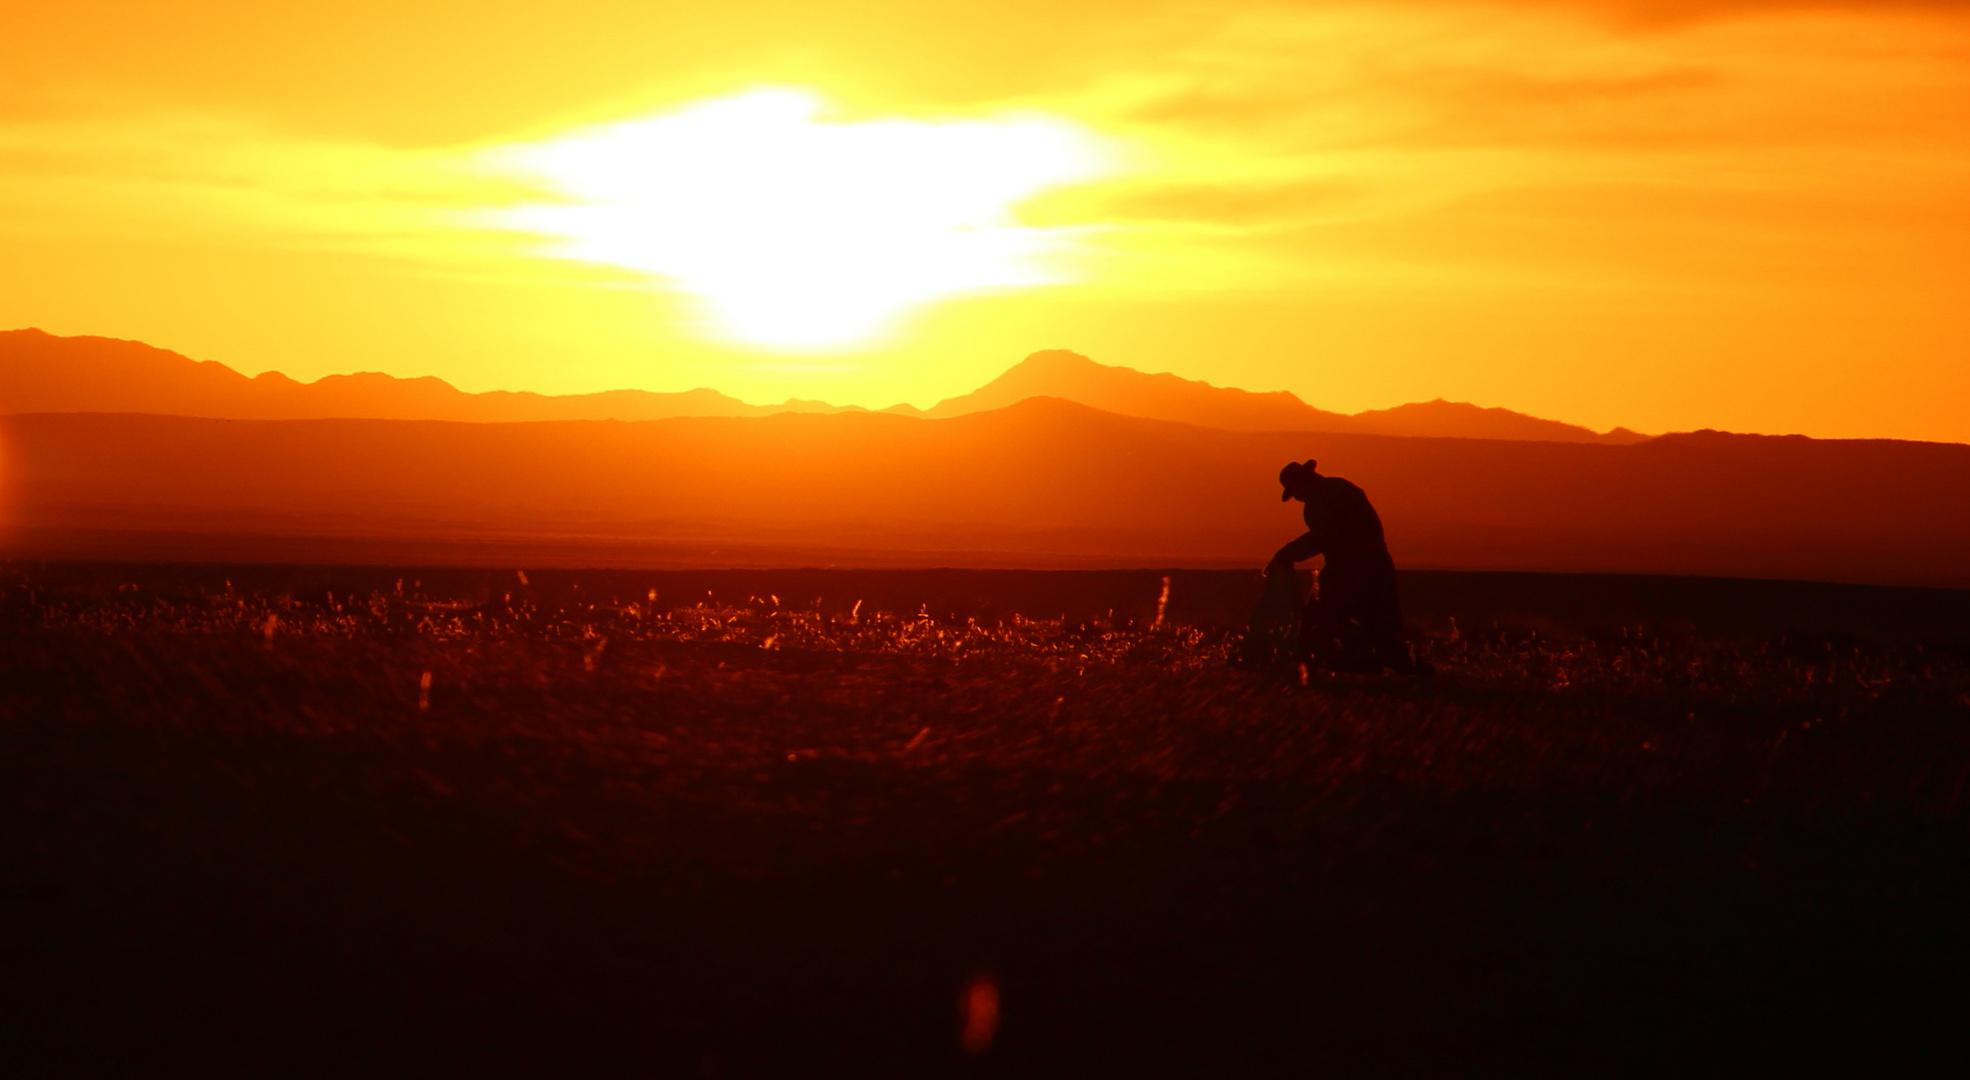 Sonnenaufgang in der Mongolei